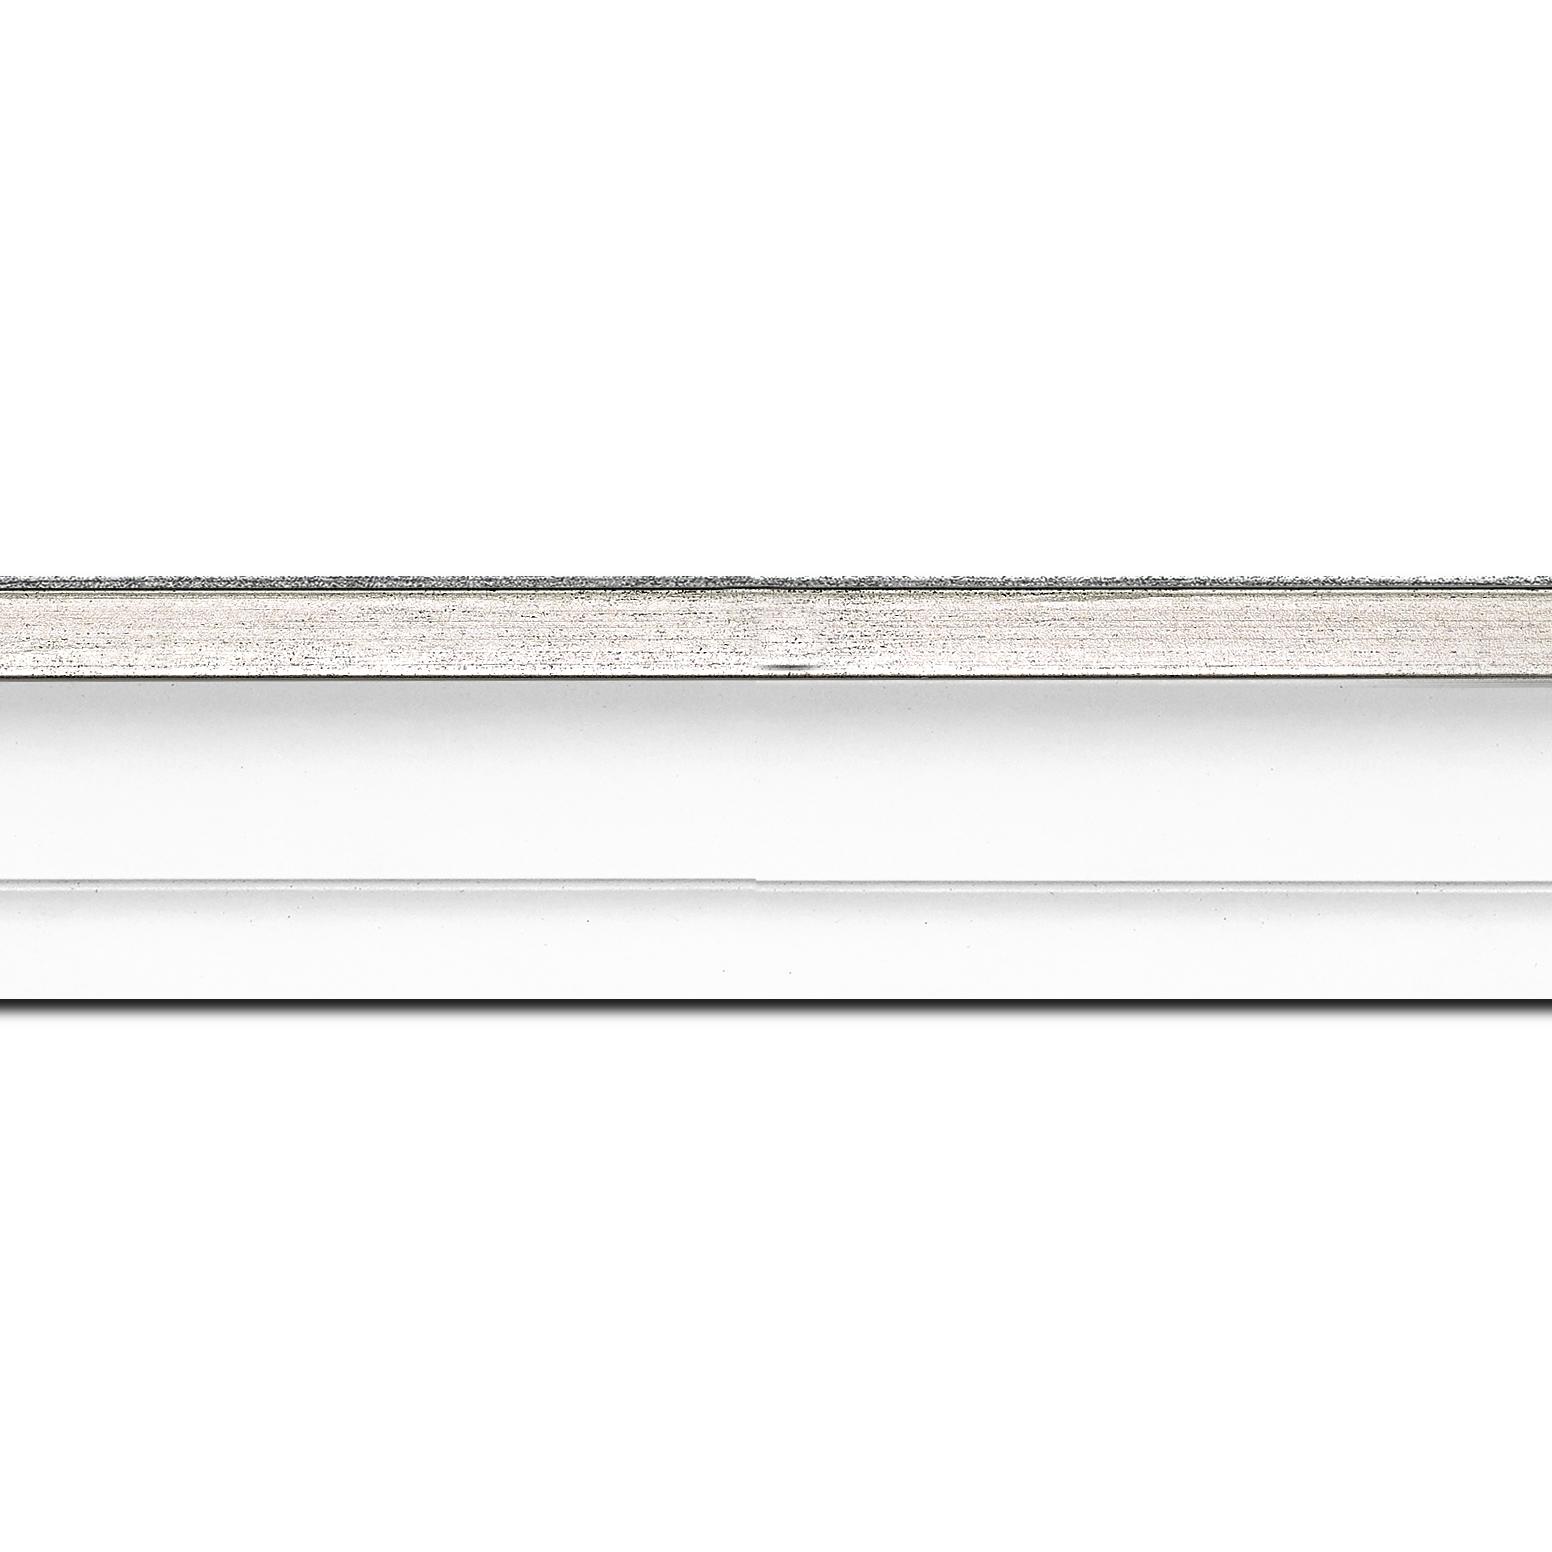 Baguette longueur 1.40m bois caisse américaine profil escalier largeur 4.5cm blanc mat filet argent (spécialement conçu pour les châssis d'une épaisseur jusqu'à 2.5cm )